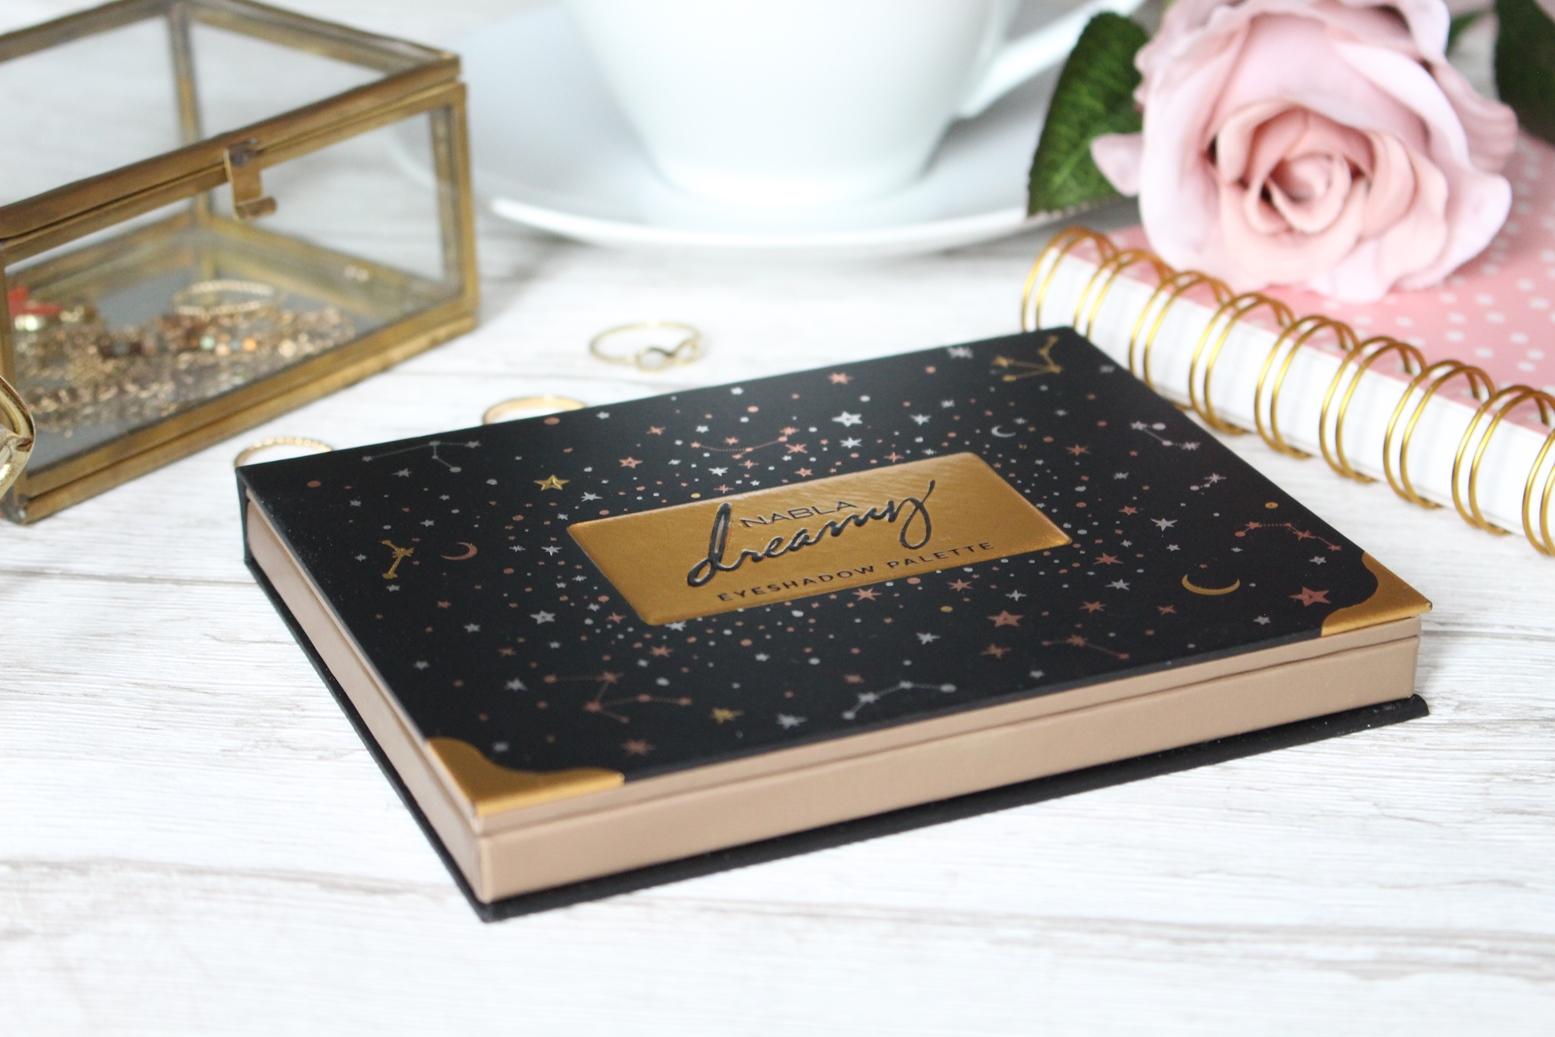 nabla-dreamy-recenzja-dressyourface-blog